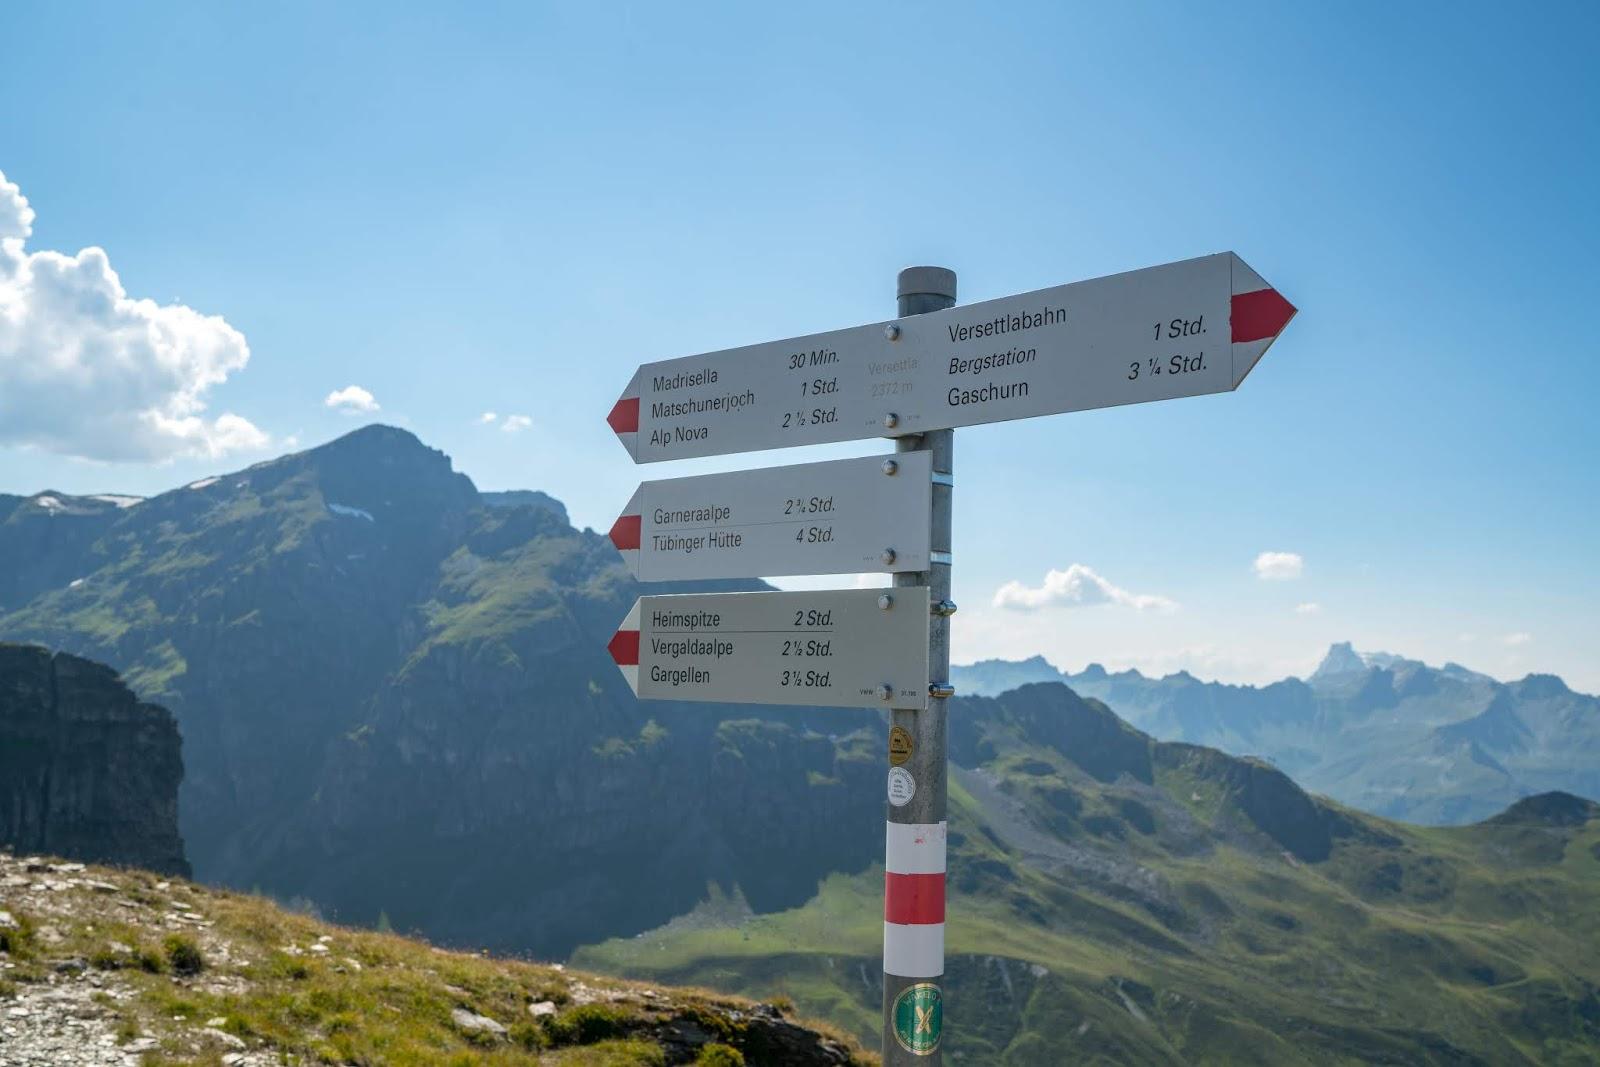 Klettersteig Madrisella : Montafon u emystische madrisellau c es wird langsam herbst facebook